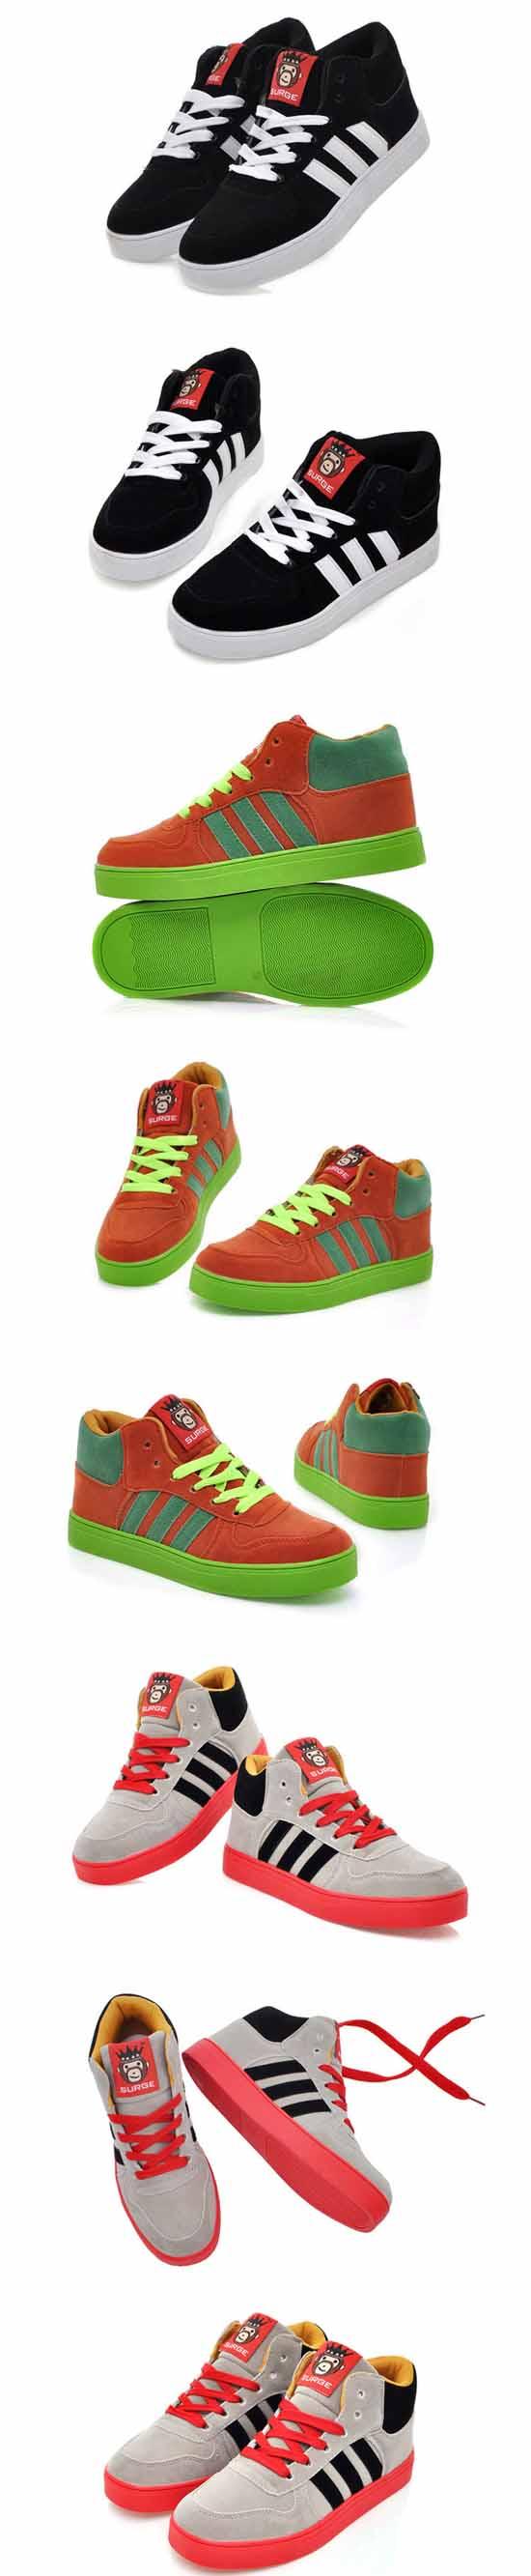 รองเท้าผ้าใบ แฟชั่นเกาหลีสวมใส่สบาย นำเข้า ไซส์36ถึง44